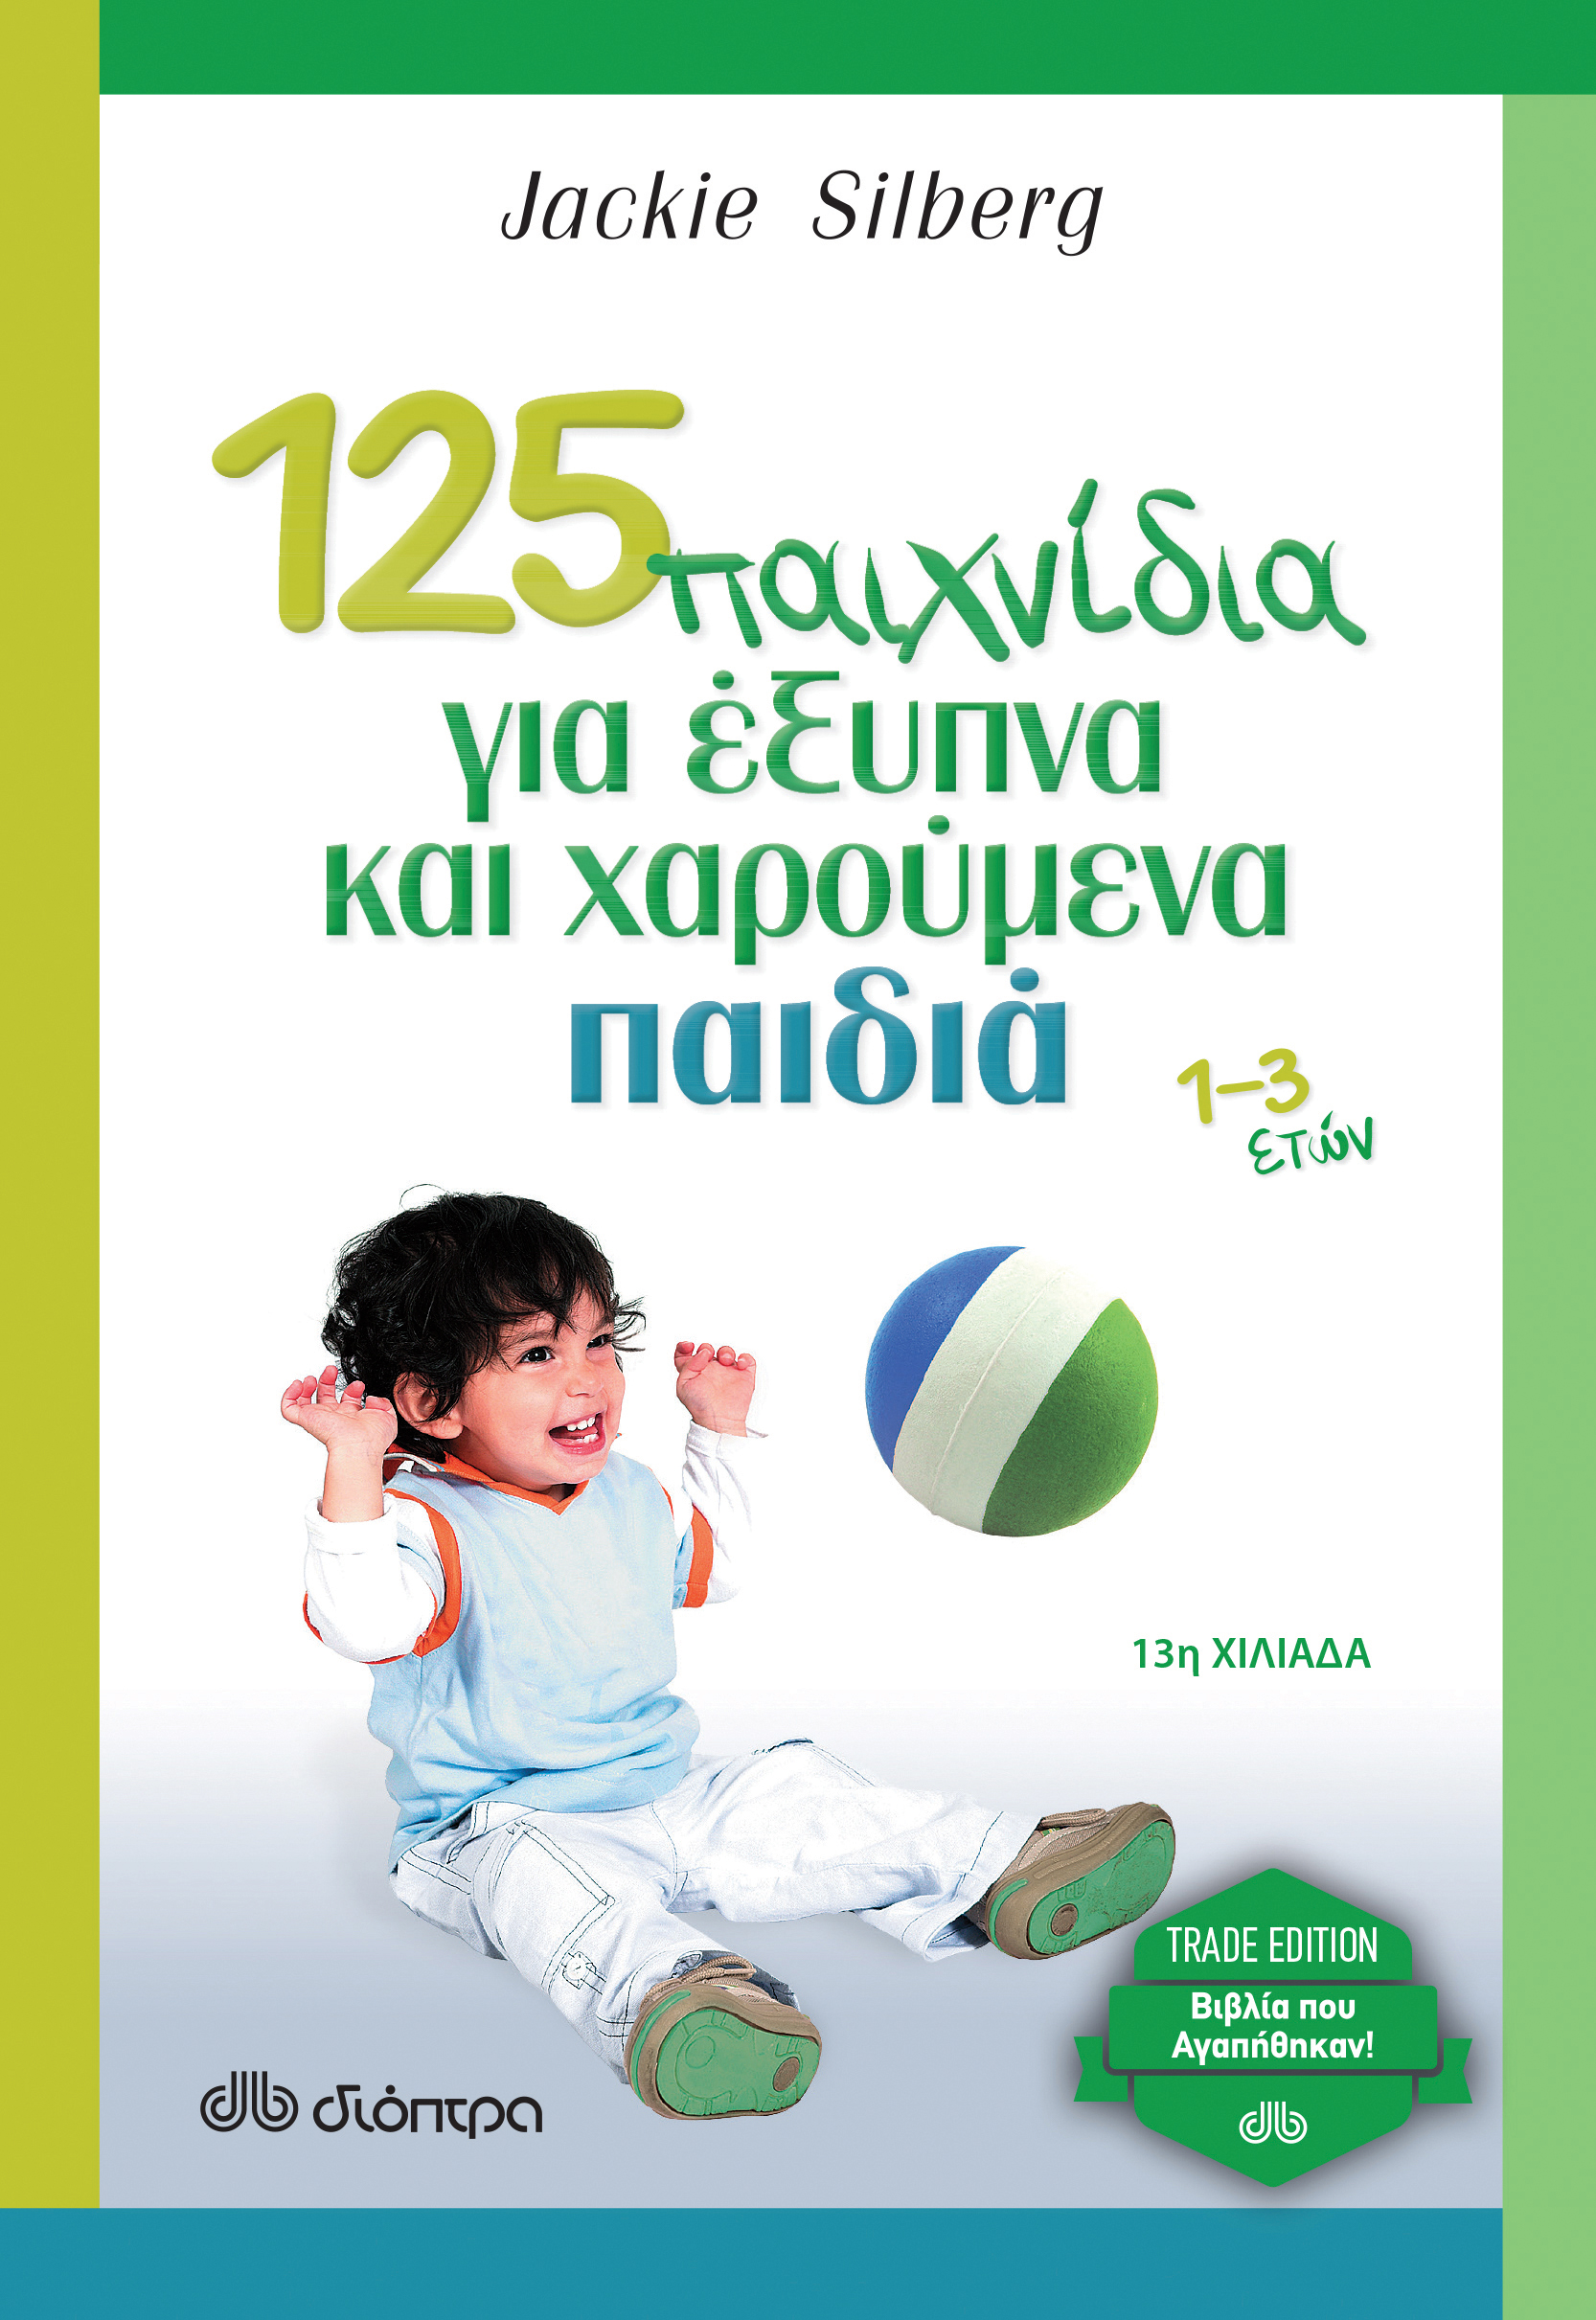 125 παιχνίδια για έξυπνα και χαρούμενα παιδιά οικογενειακή φροντίδα